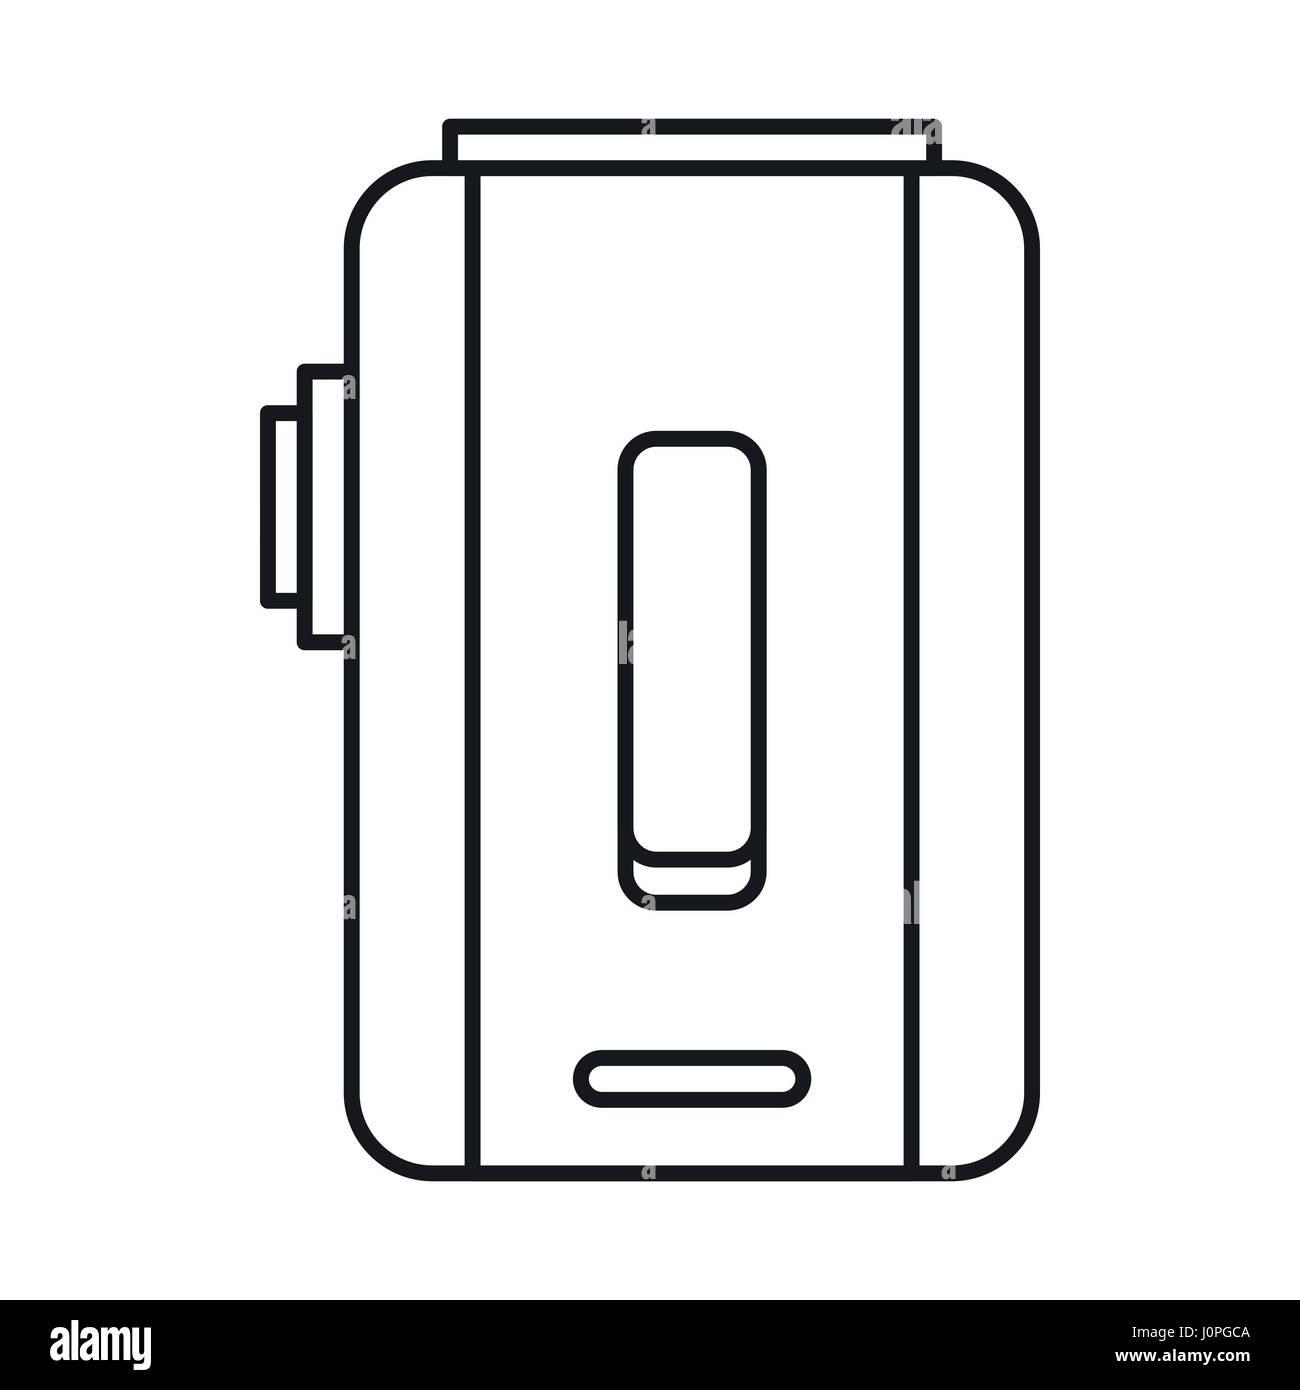 Box mod e-cigarette icon, outline style - Stock Image